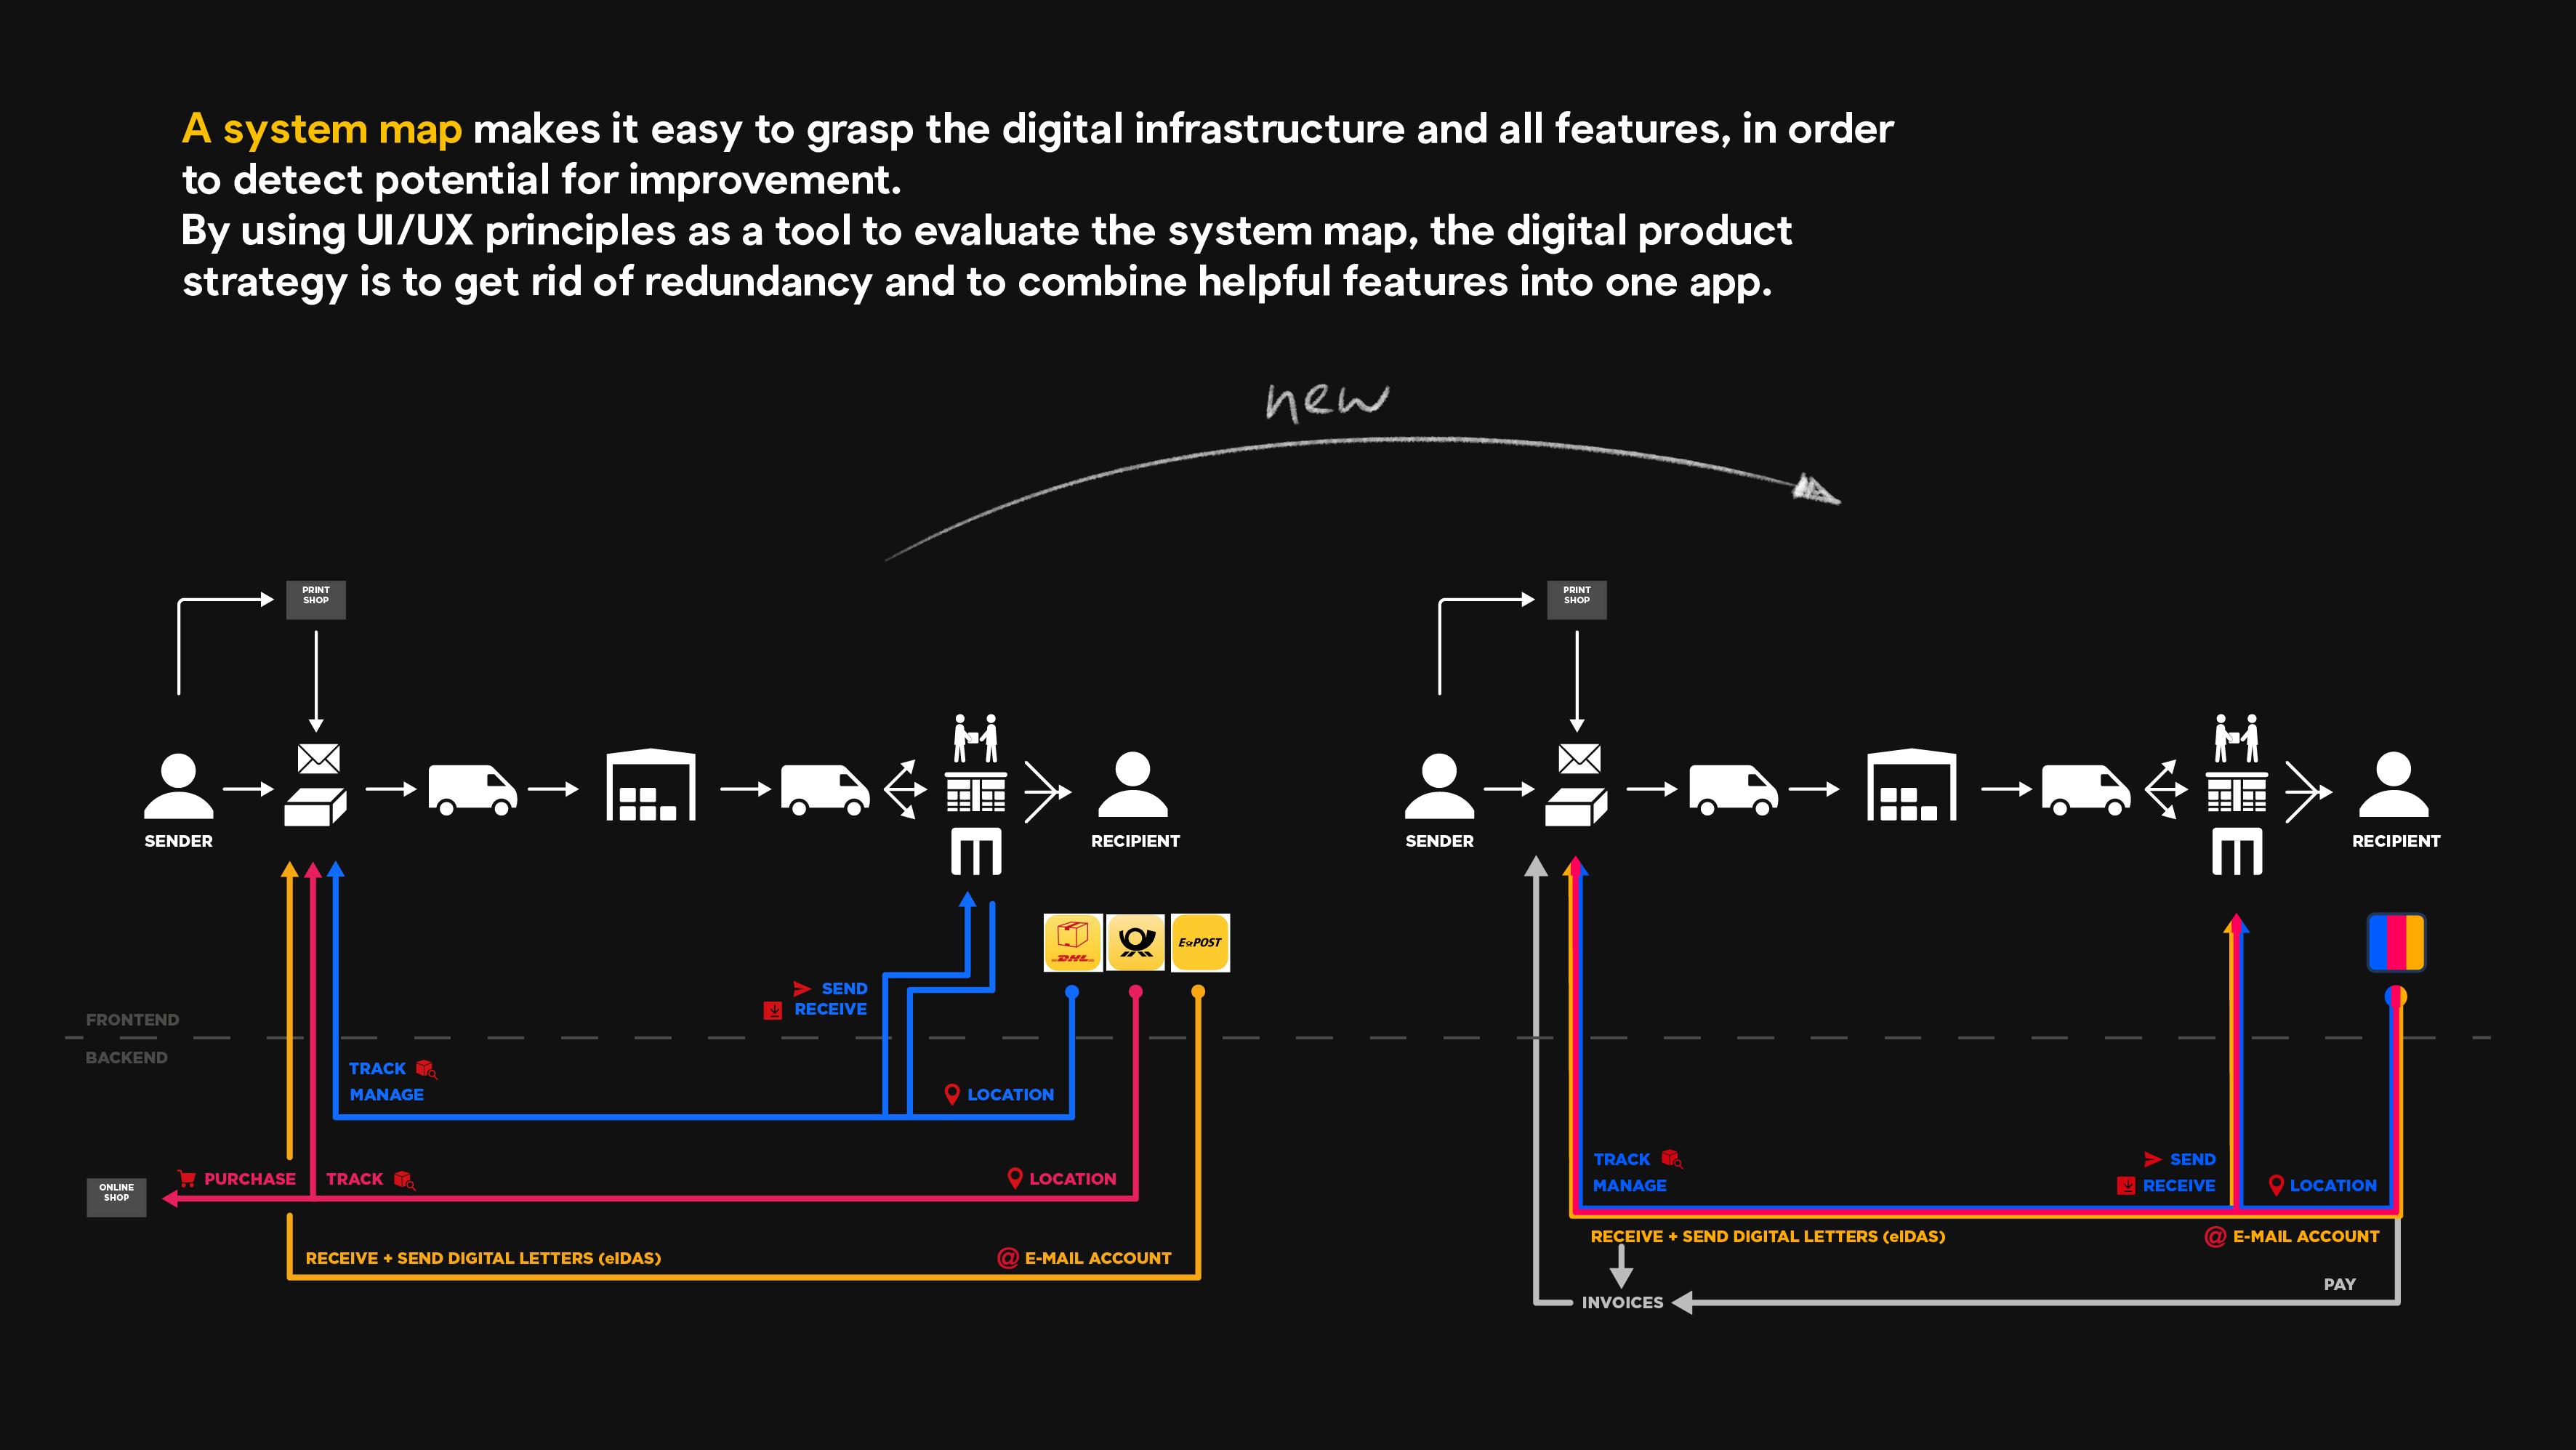 Deutsche Post / DHL system map